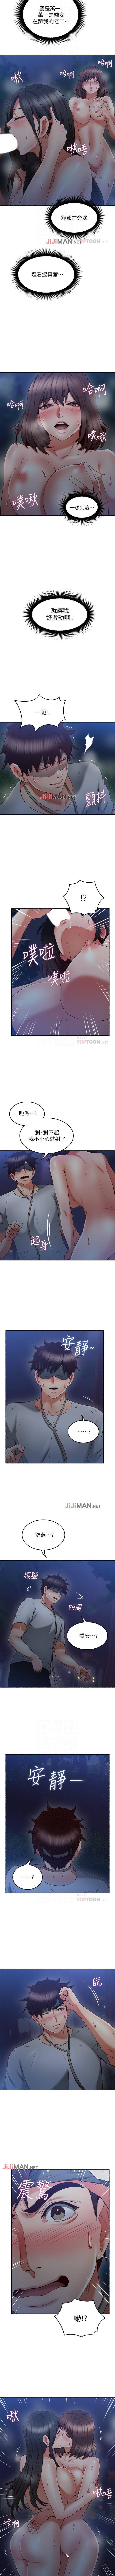 【周六更新】邻居人妻(作者:李周元 & 頸枕) 第1~50话 316